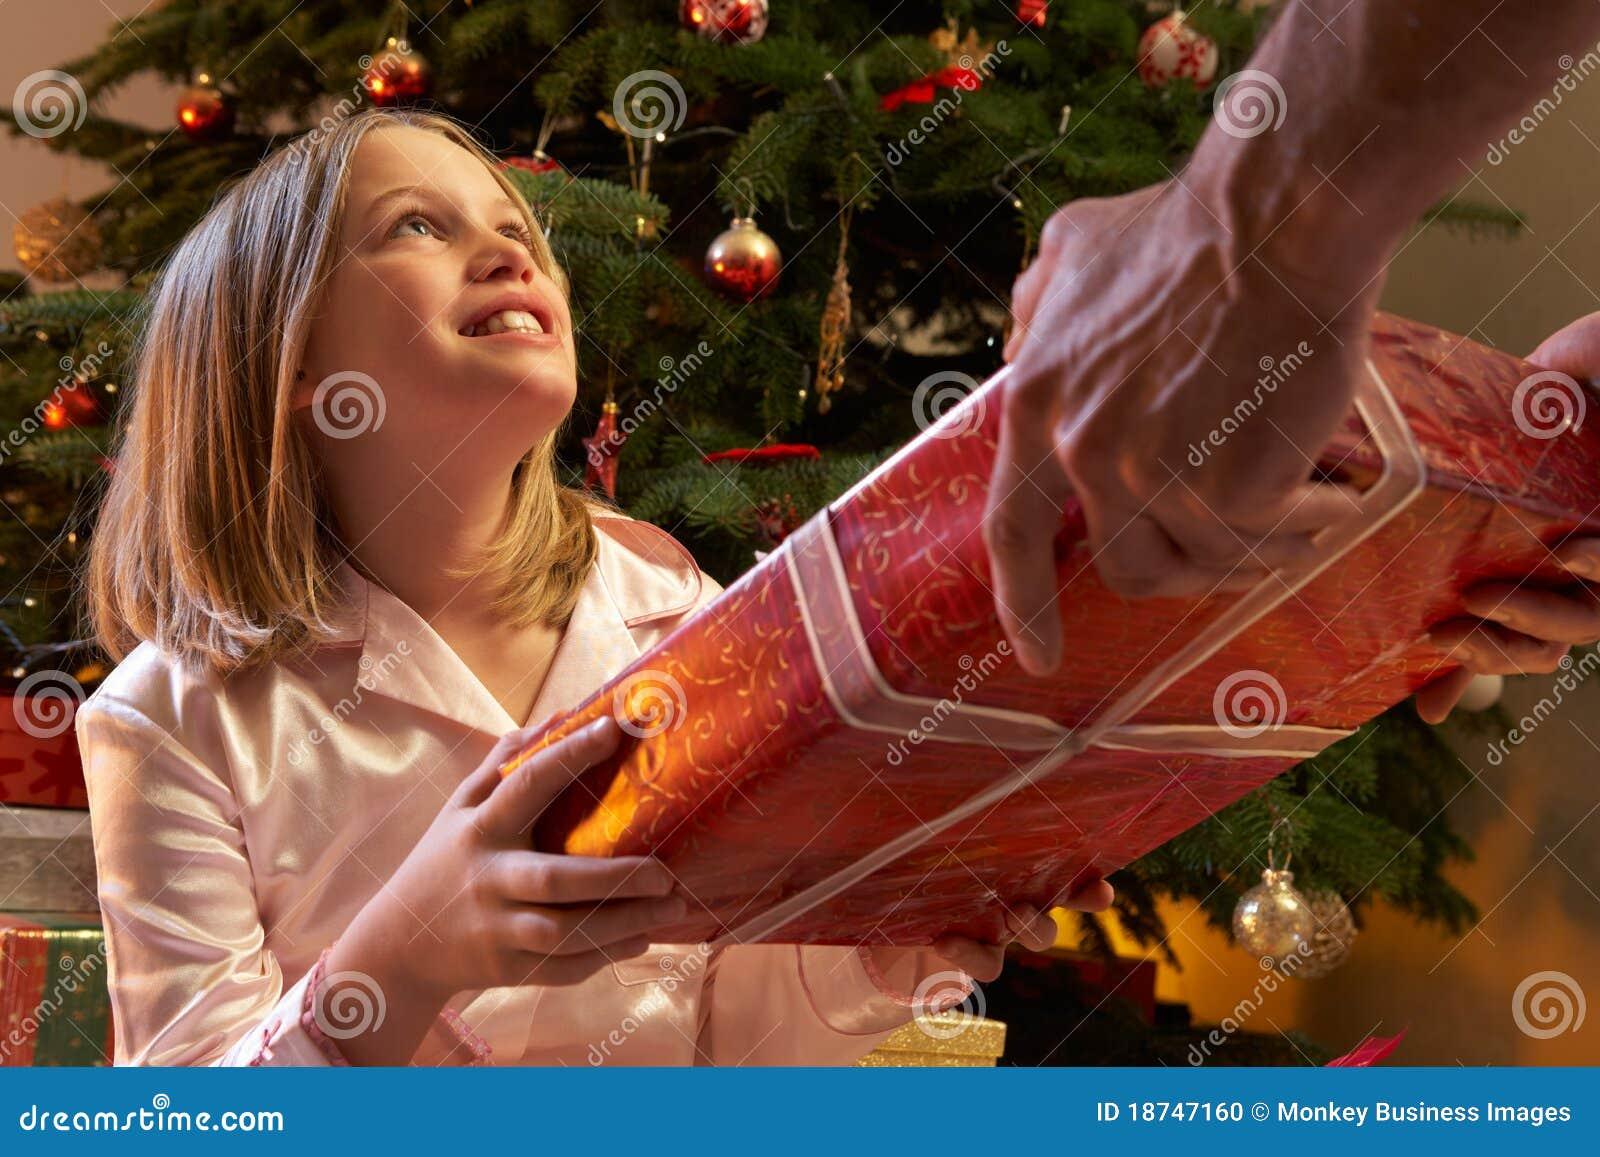 Junges Mädchen, Das Weihnachtsgeschenk Empfängt Stockfoto - Bild von ...